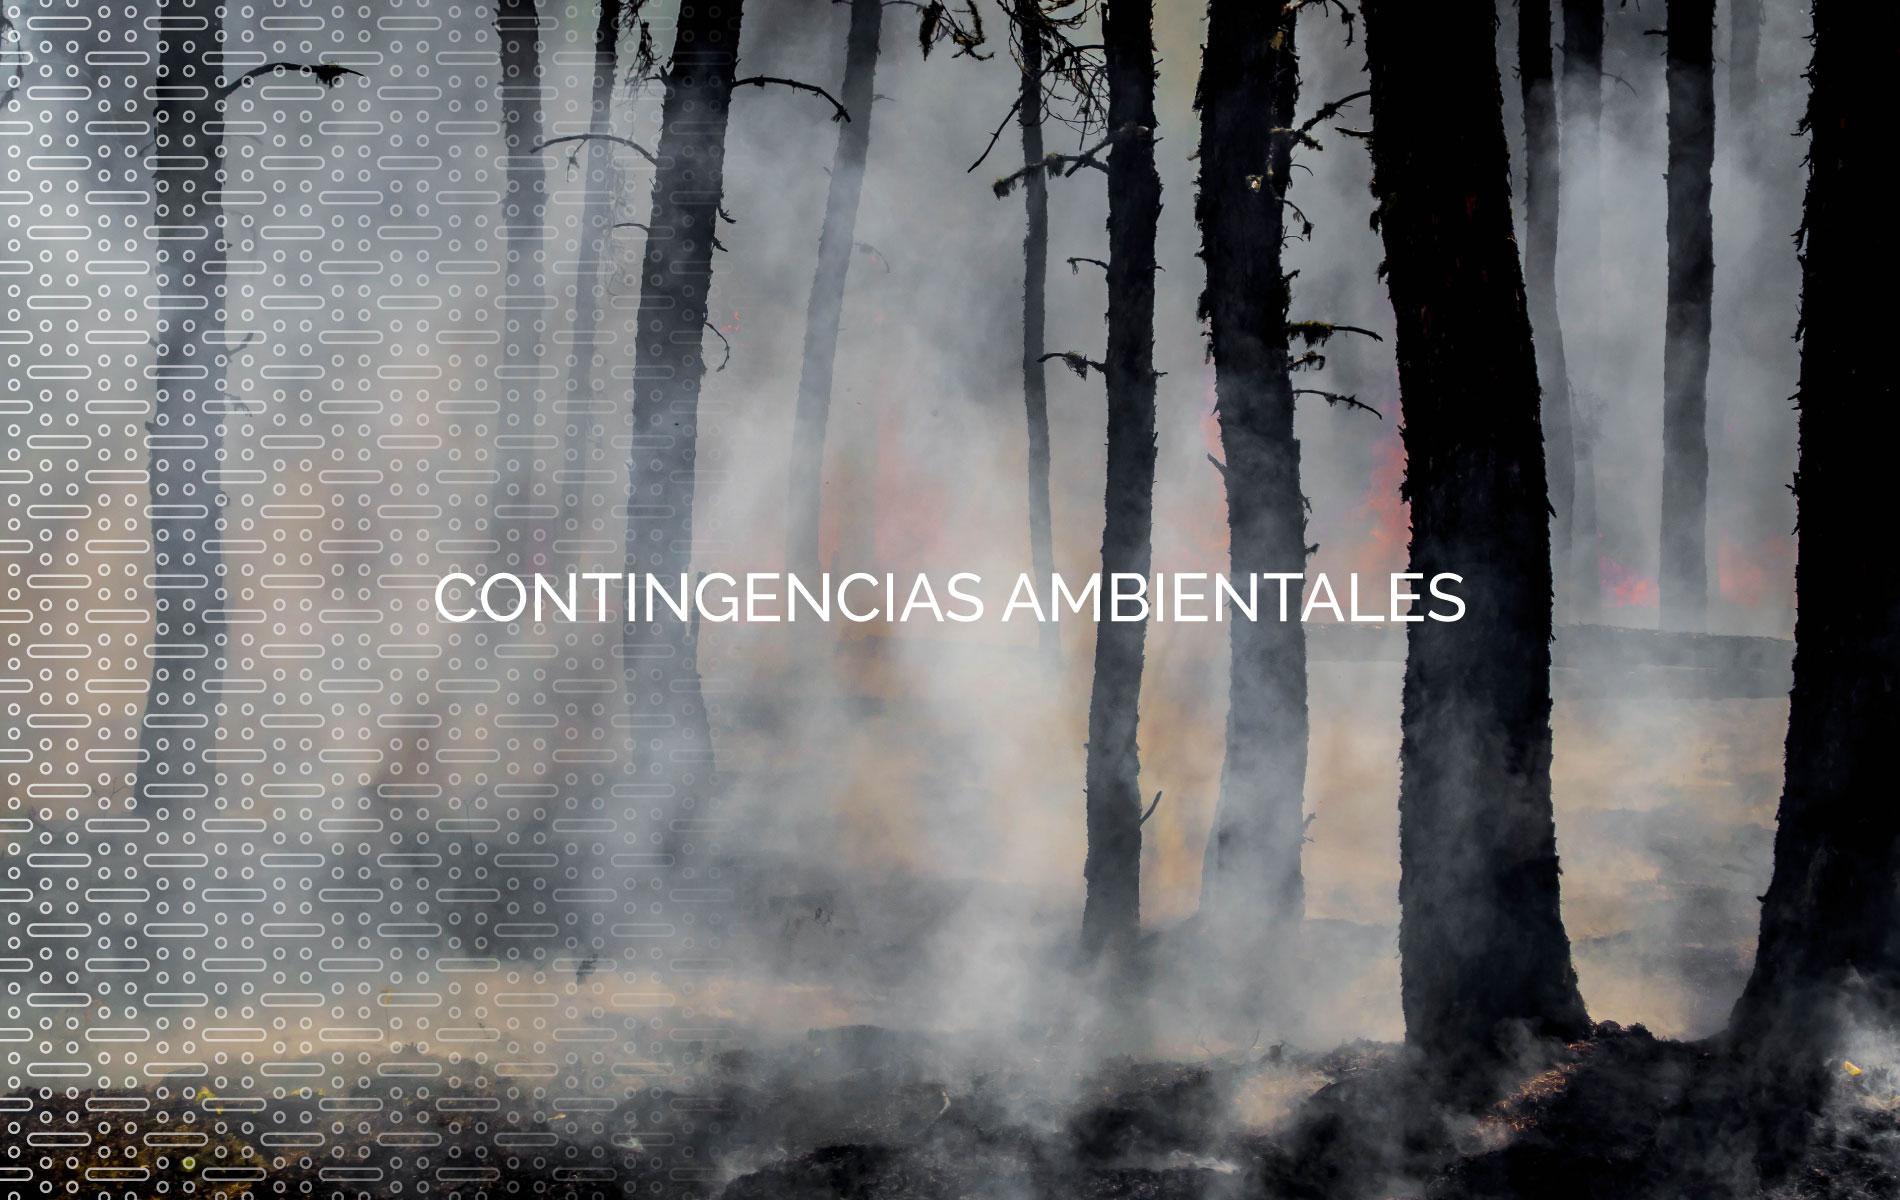 CONTINGENCIAS AMBIENTALES